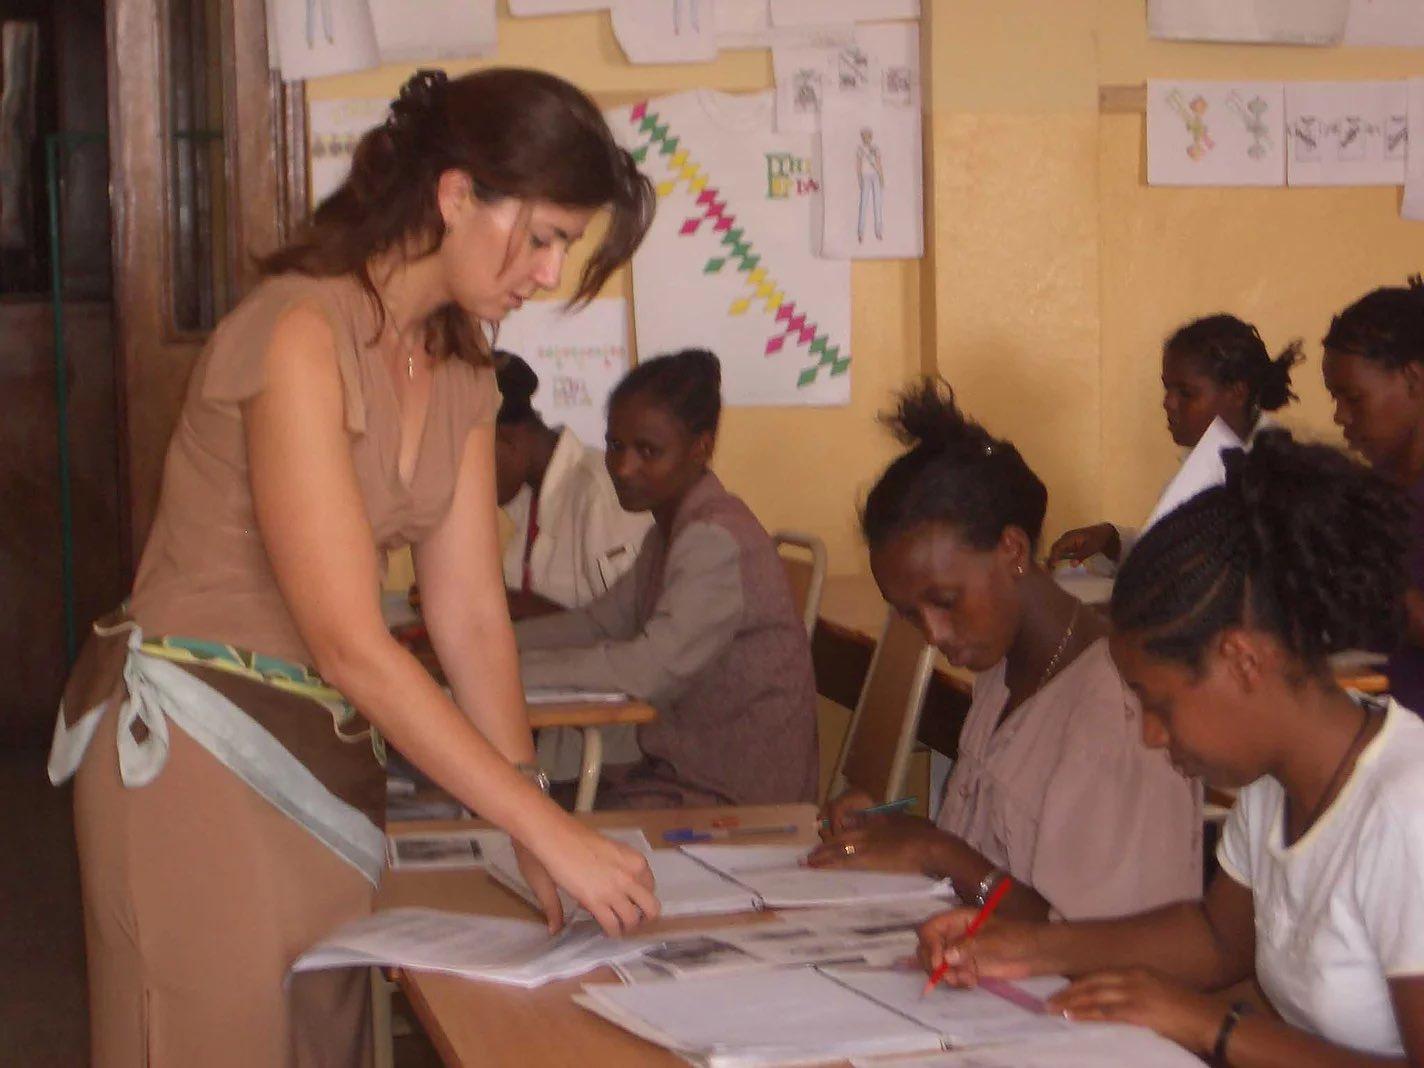 ethiopia 2005 fashion design